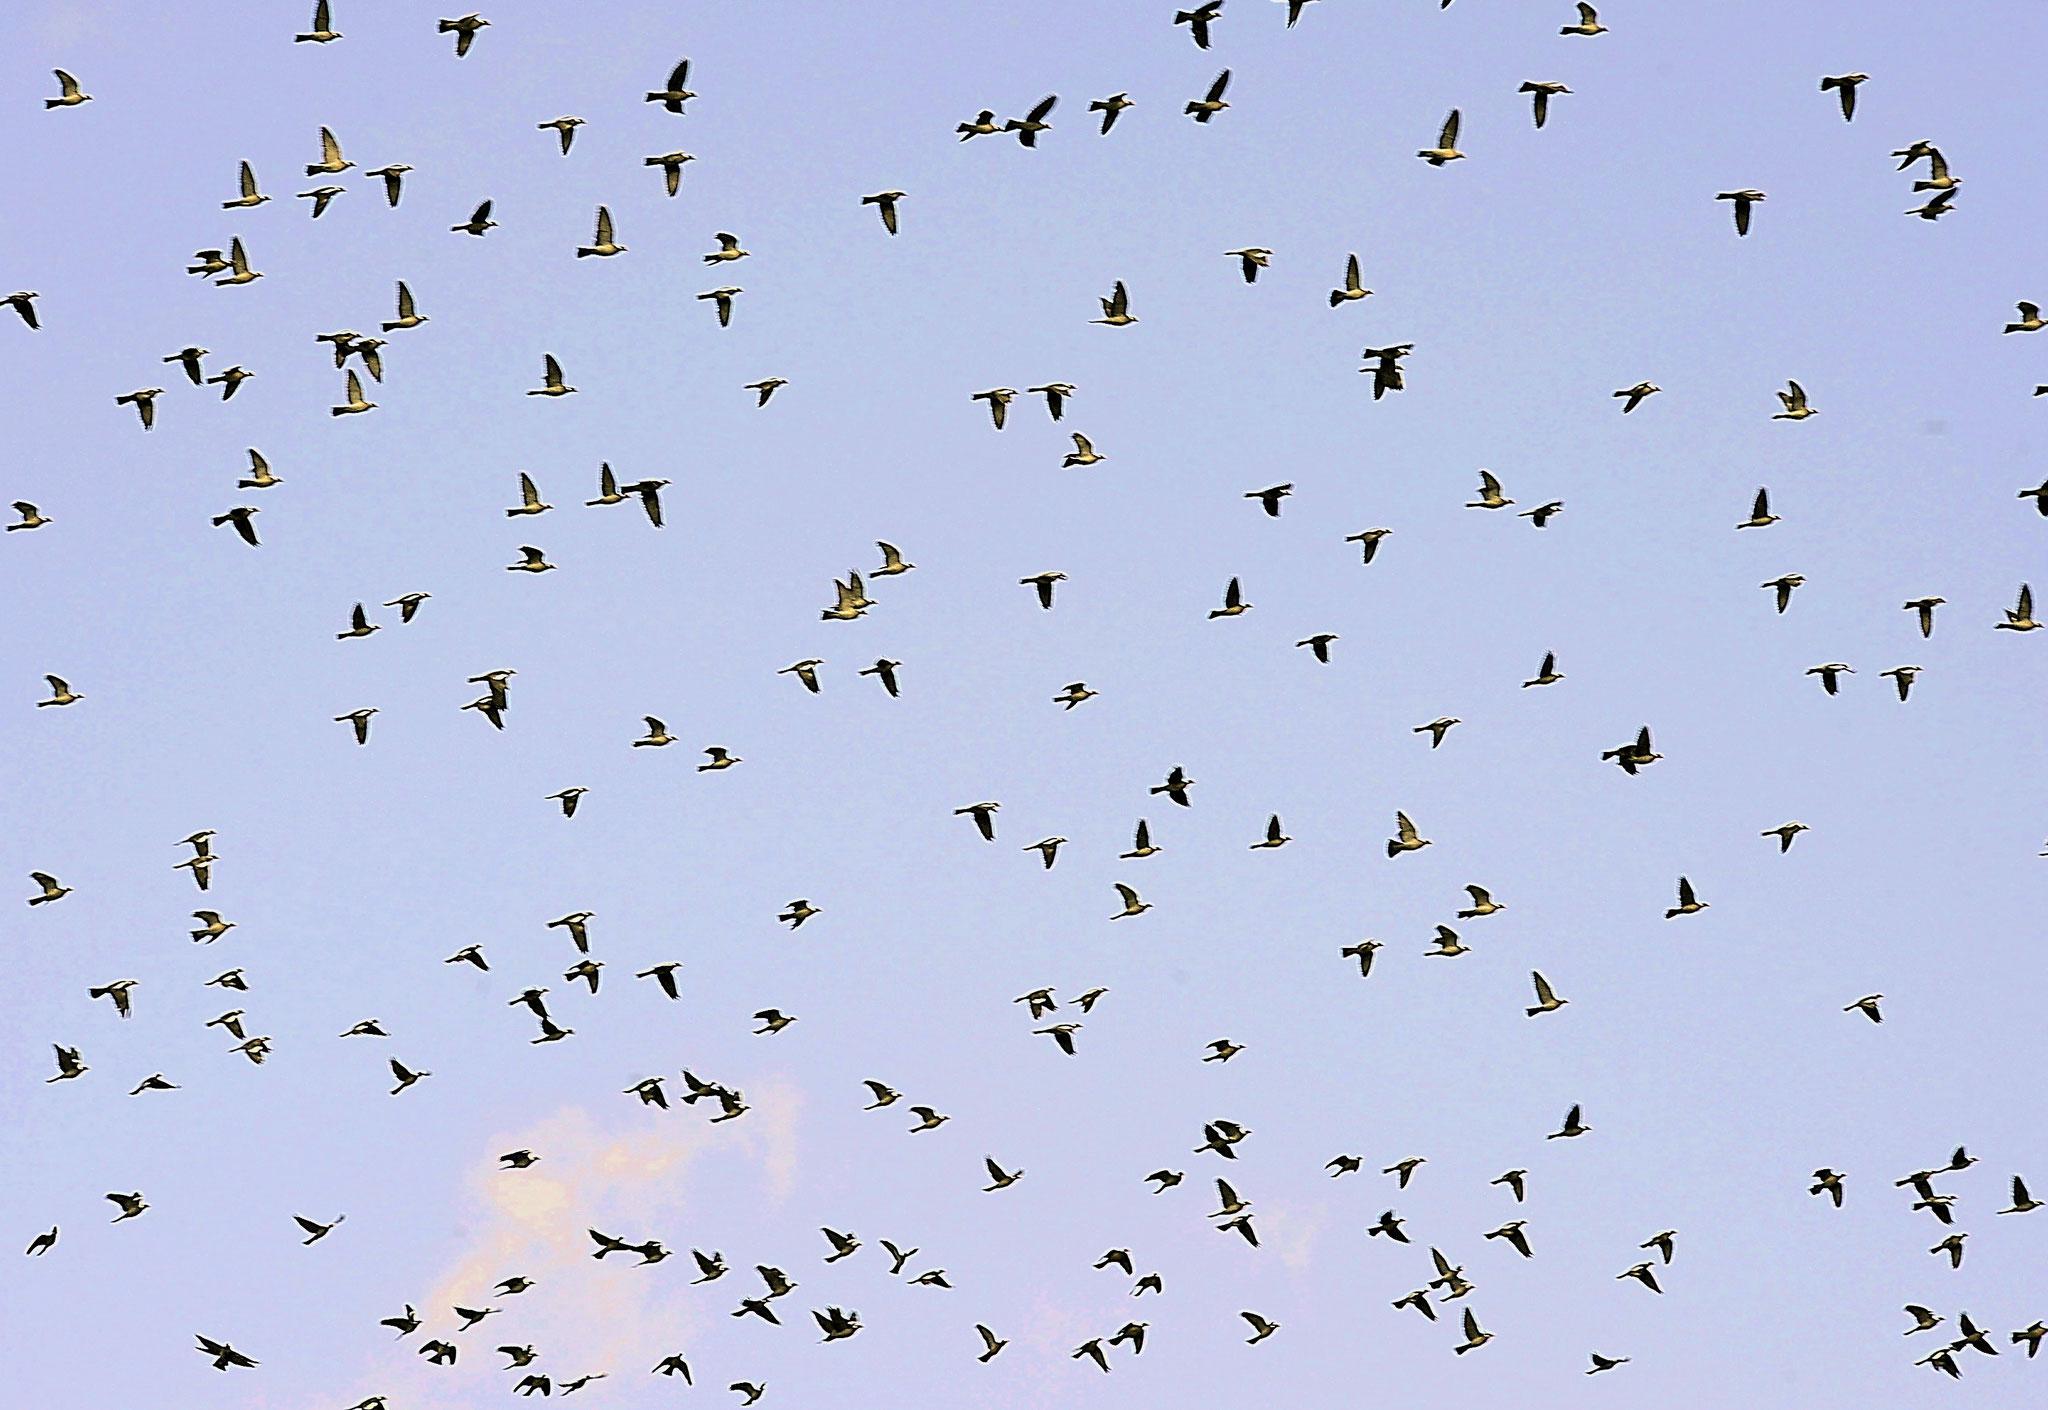 """"""" il y a eu des vols d'oiseaux ,des courants d'air , des migraines qui ont décidé du sort du monde """"   Ernest Renan  (Photo F. Fourcade)"""